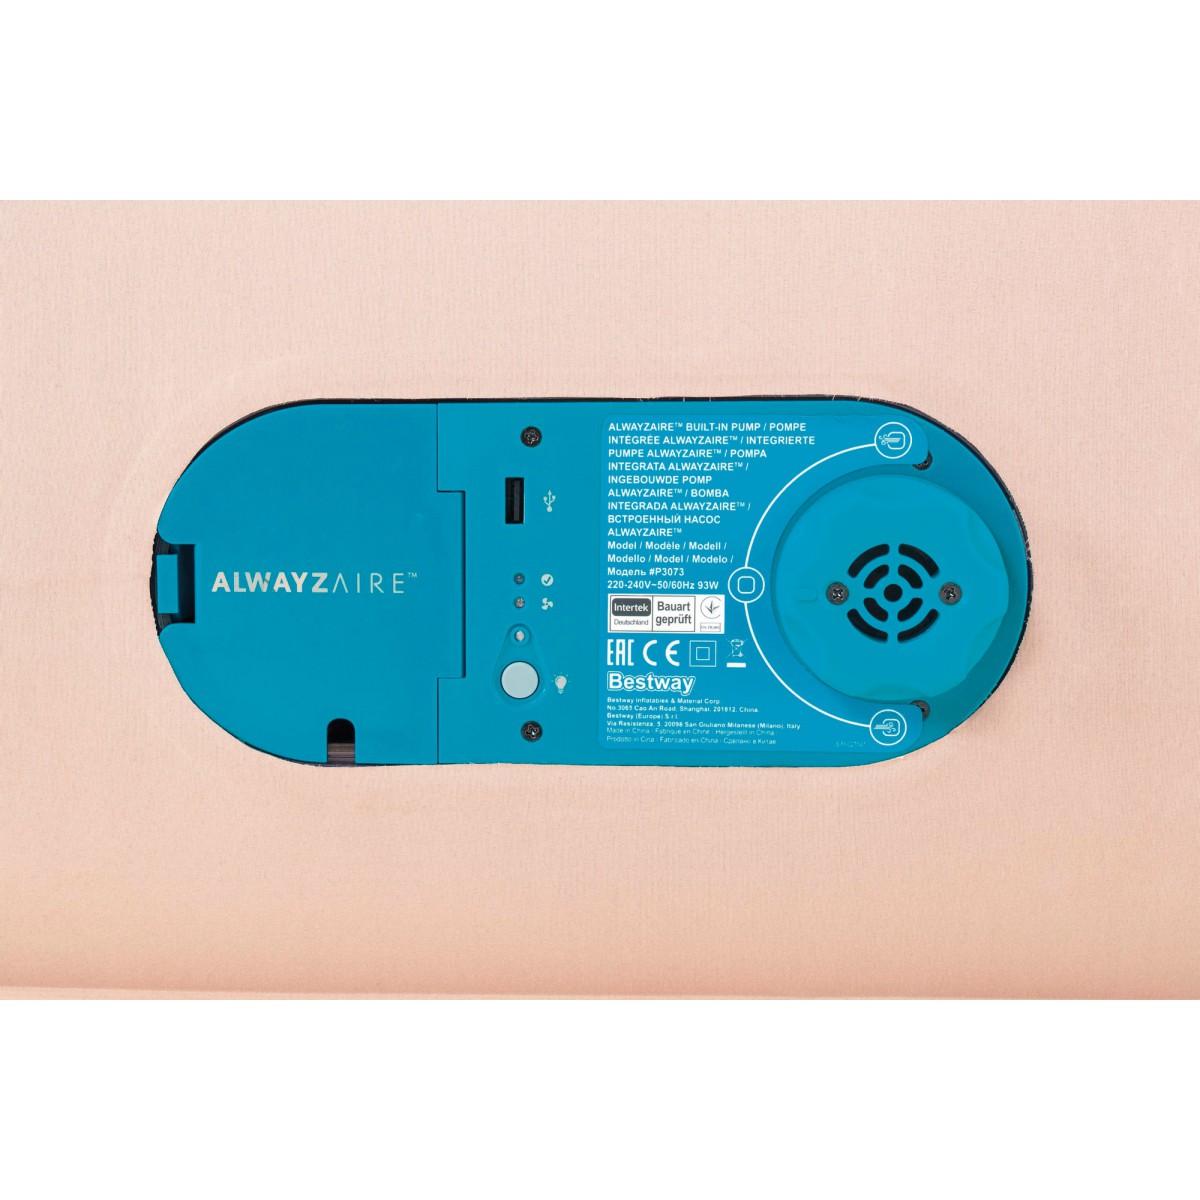 Lit gonflable matelas confort AlwayzAire Bestway - 2 places  - 203 x 152 x 51 cm